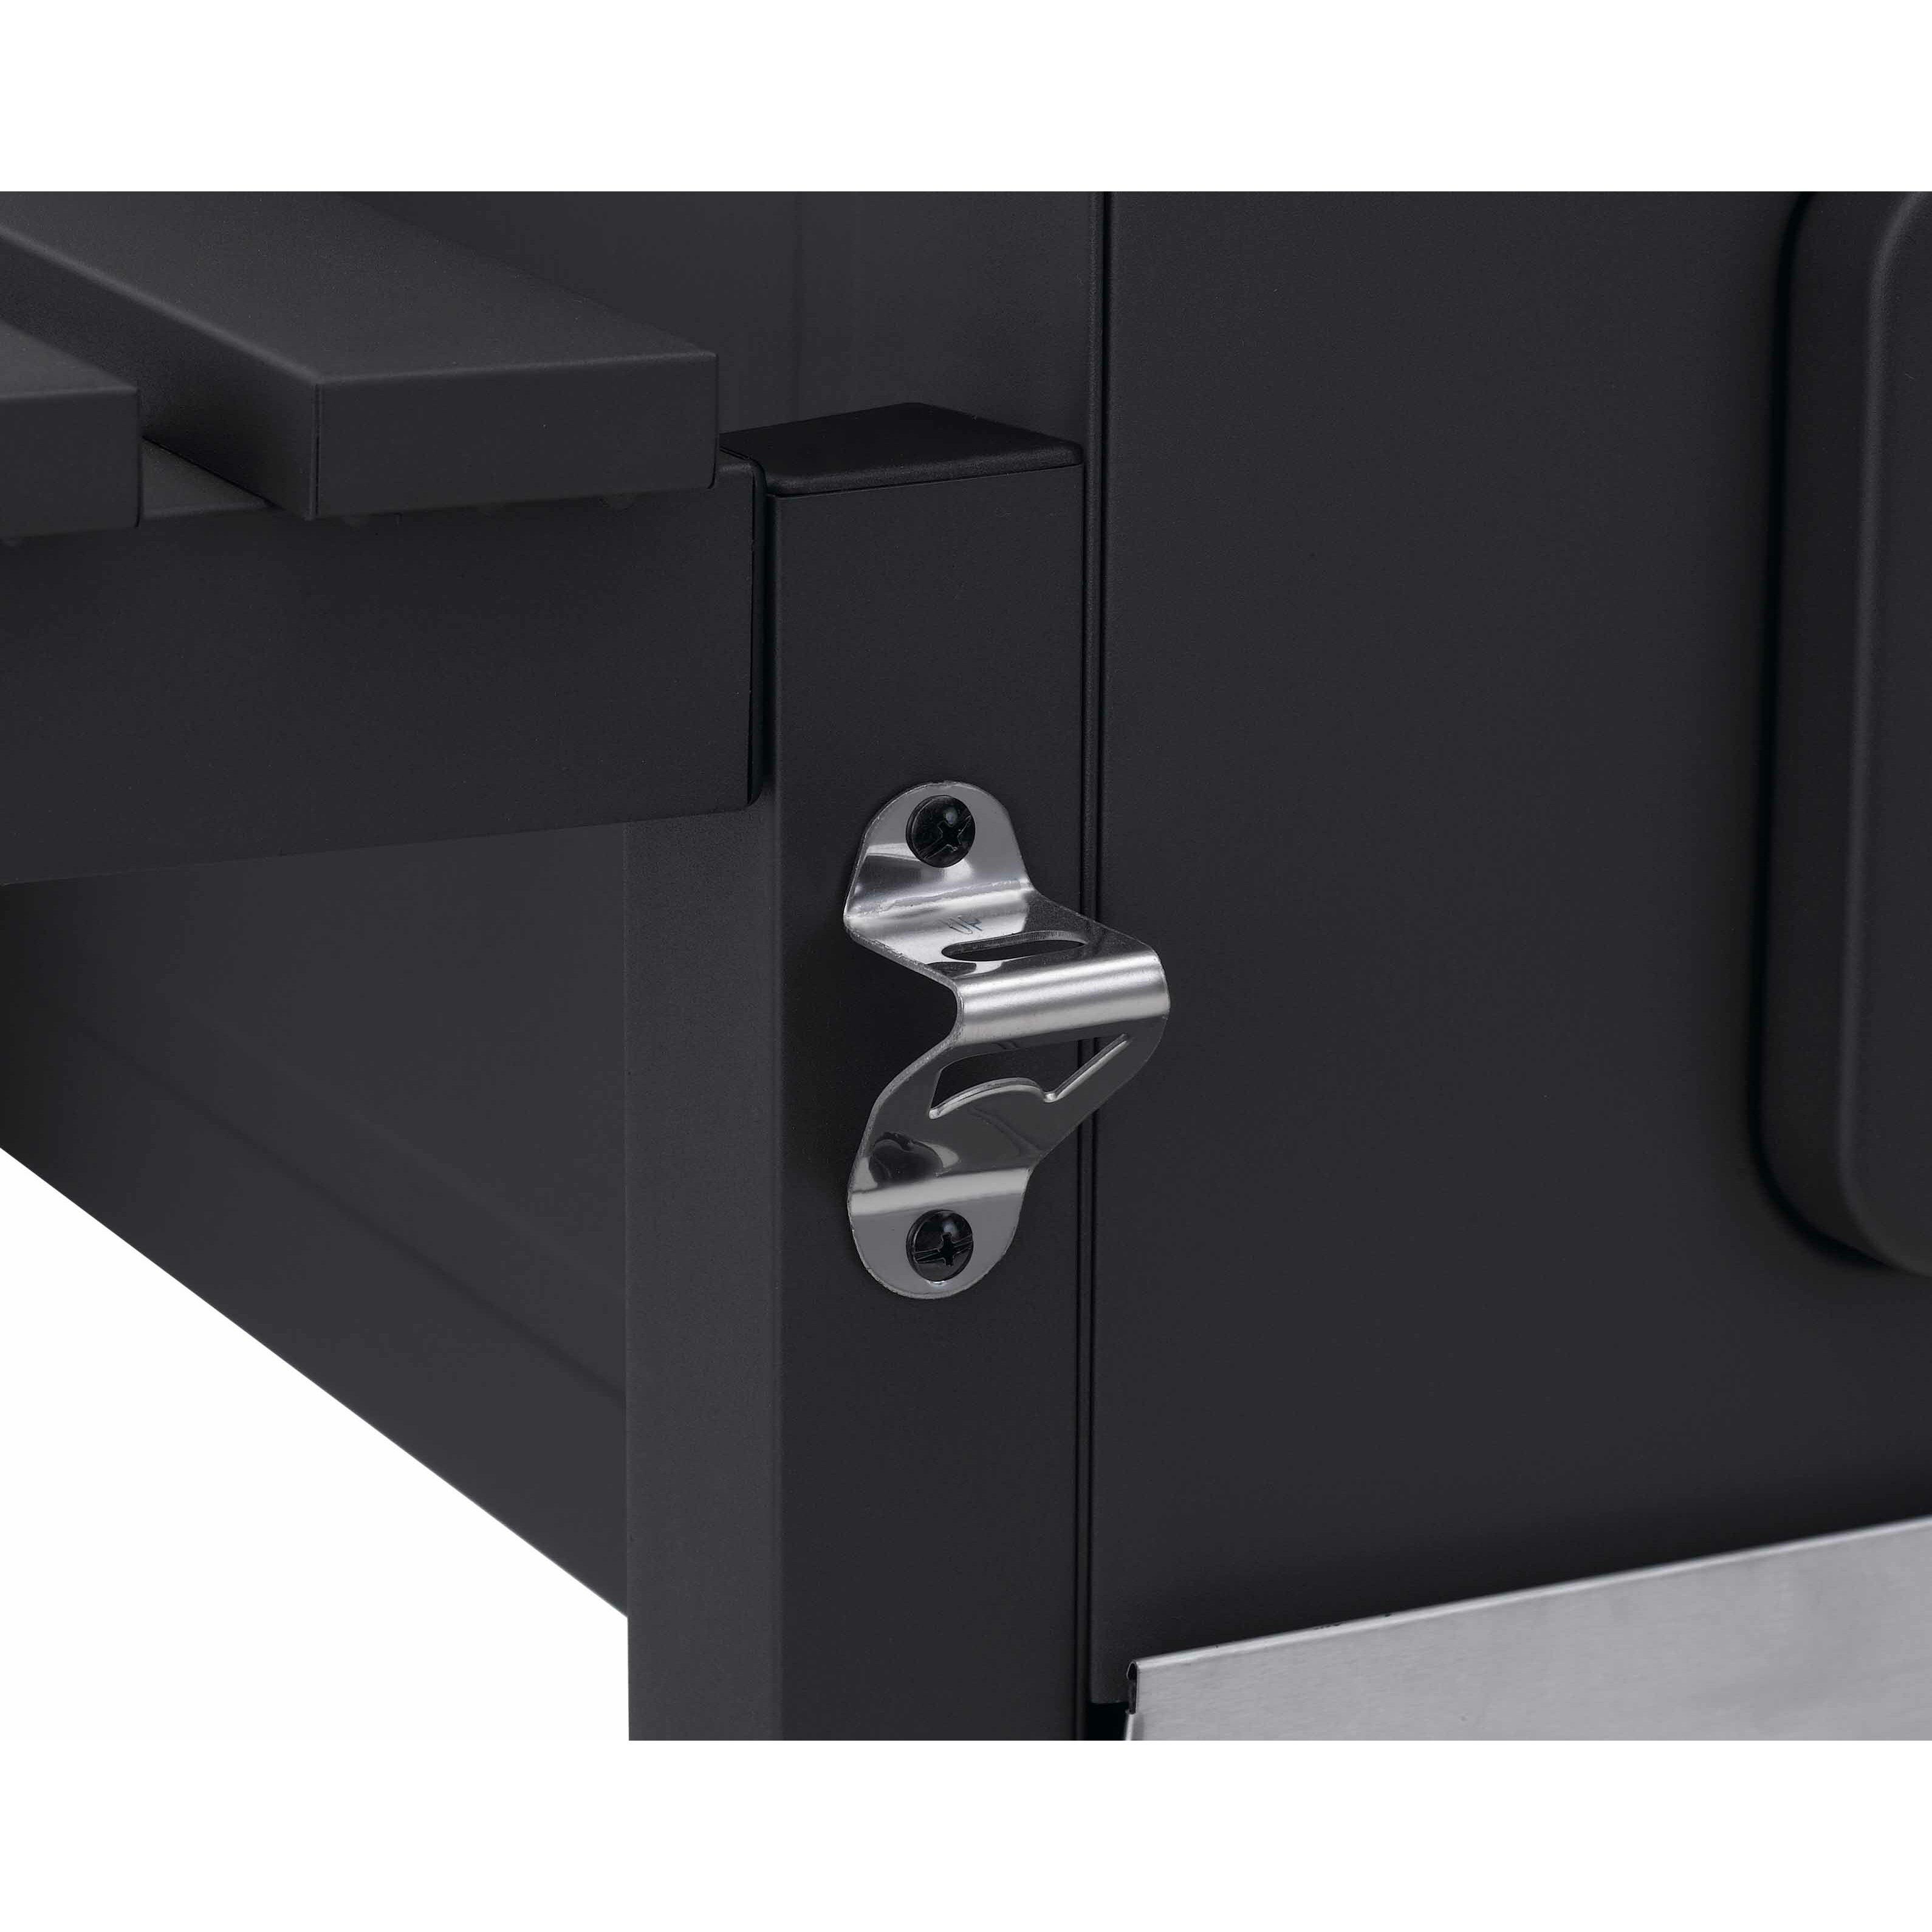 tepro 145 cm toronto xxl holzkohlegrill mit rollen reviews von manufacturer. Black Bedroom Furniture Sets. Home Design Ideas